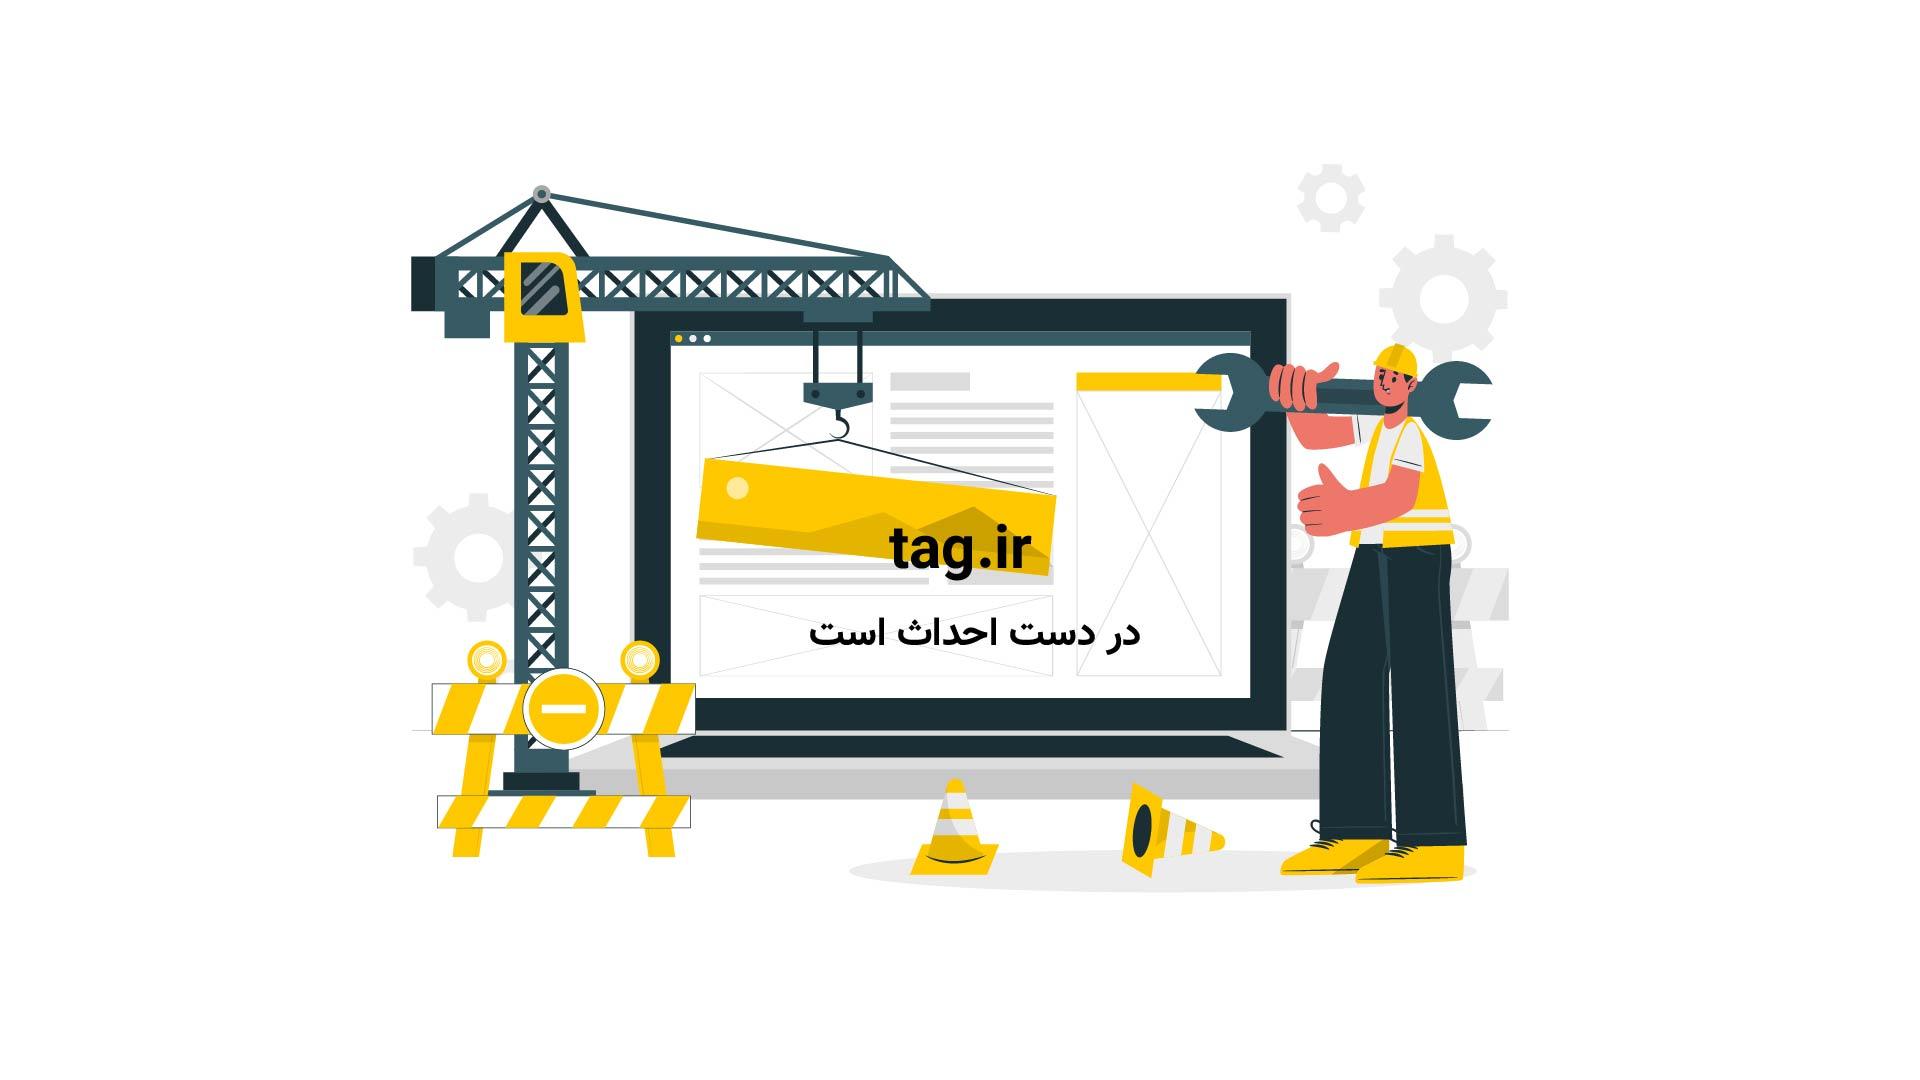 انیمیشن گربه سایمون؛ این قسمت گربه برفی | فیلم